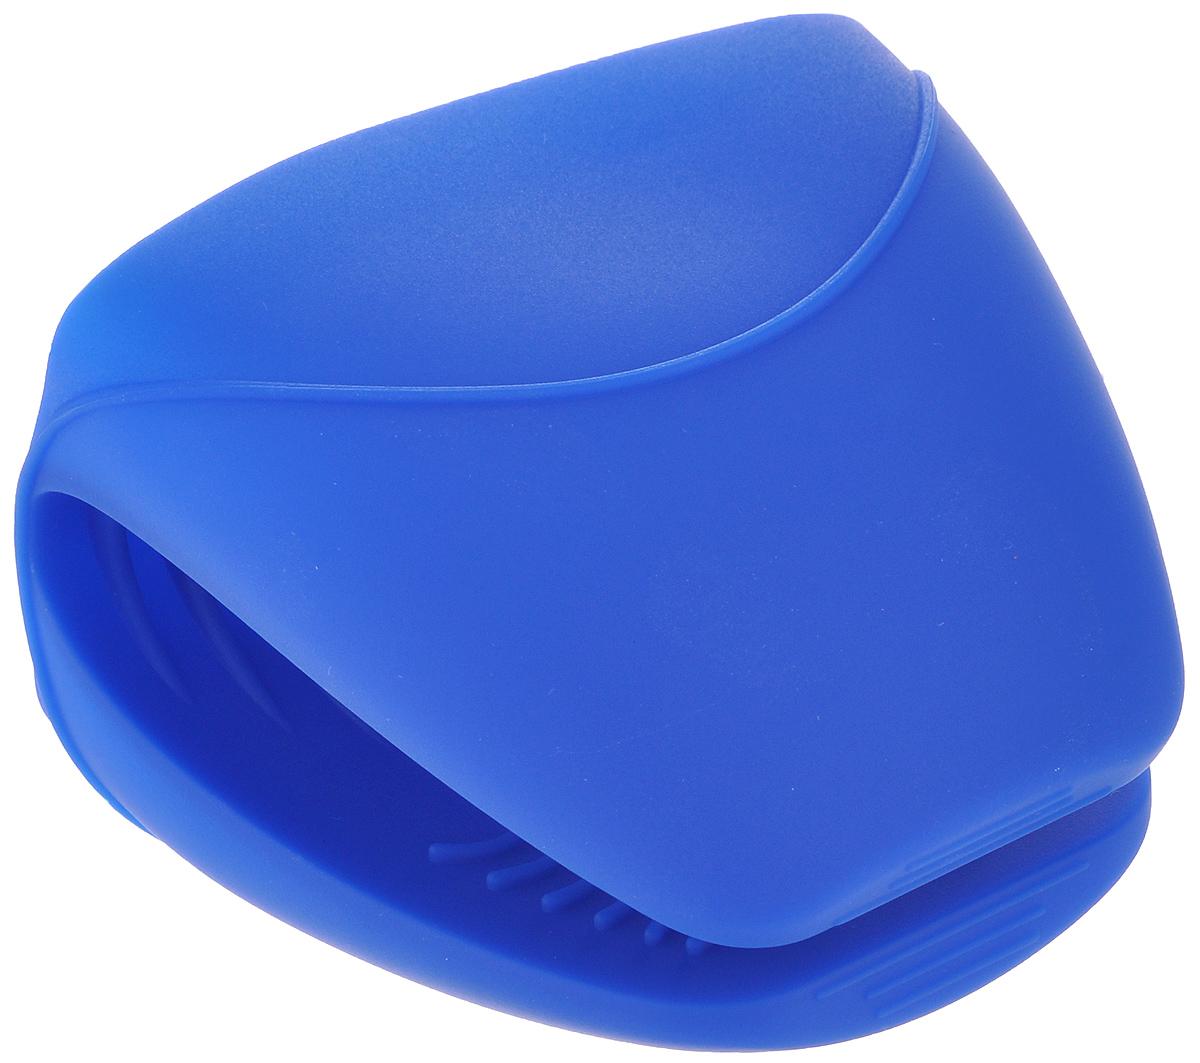 Прихватка Sagaform, цвет: синий5015803Прихватка Sagaform изготовлена из высококачественного силикона и предназначена для защиты рук от ожогов во время приготовления пищи. Она станет отличным украшением кухни или замечательным подарком знакомому кулинару. С помощью прихватки Sagaform можно доставать горячие блюда из духовки, не боясь обжечься. Прихватка выдерживает высокие температуры (от -40°С до +240°С), а качественный материал служит залогом длительный службы изделия. Рифленая поверхность прихватки препятствует выскальзыванию предметов из рук, а яркая расцветка поднимает настроение. Можно мыть в посудомоечной машине.